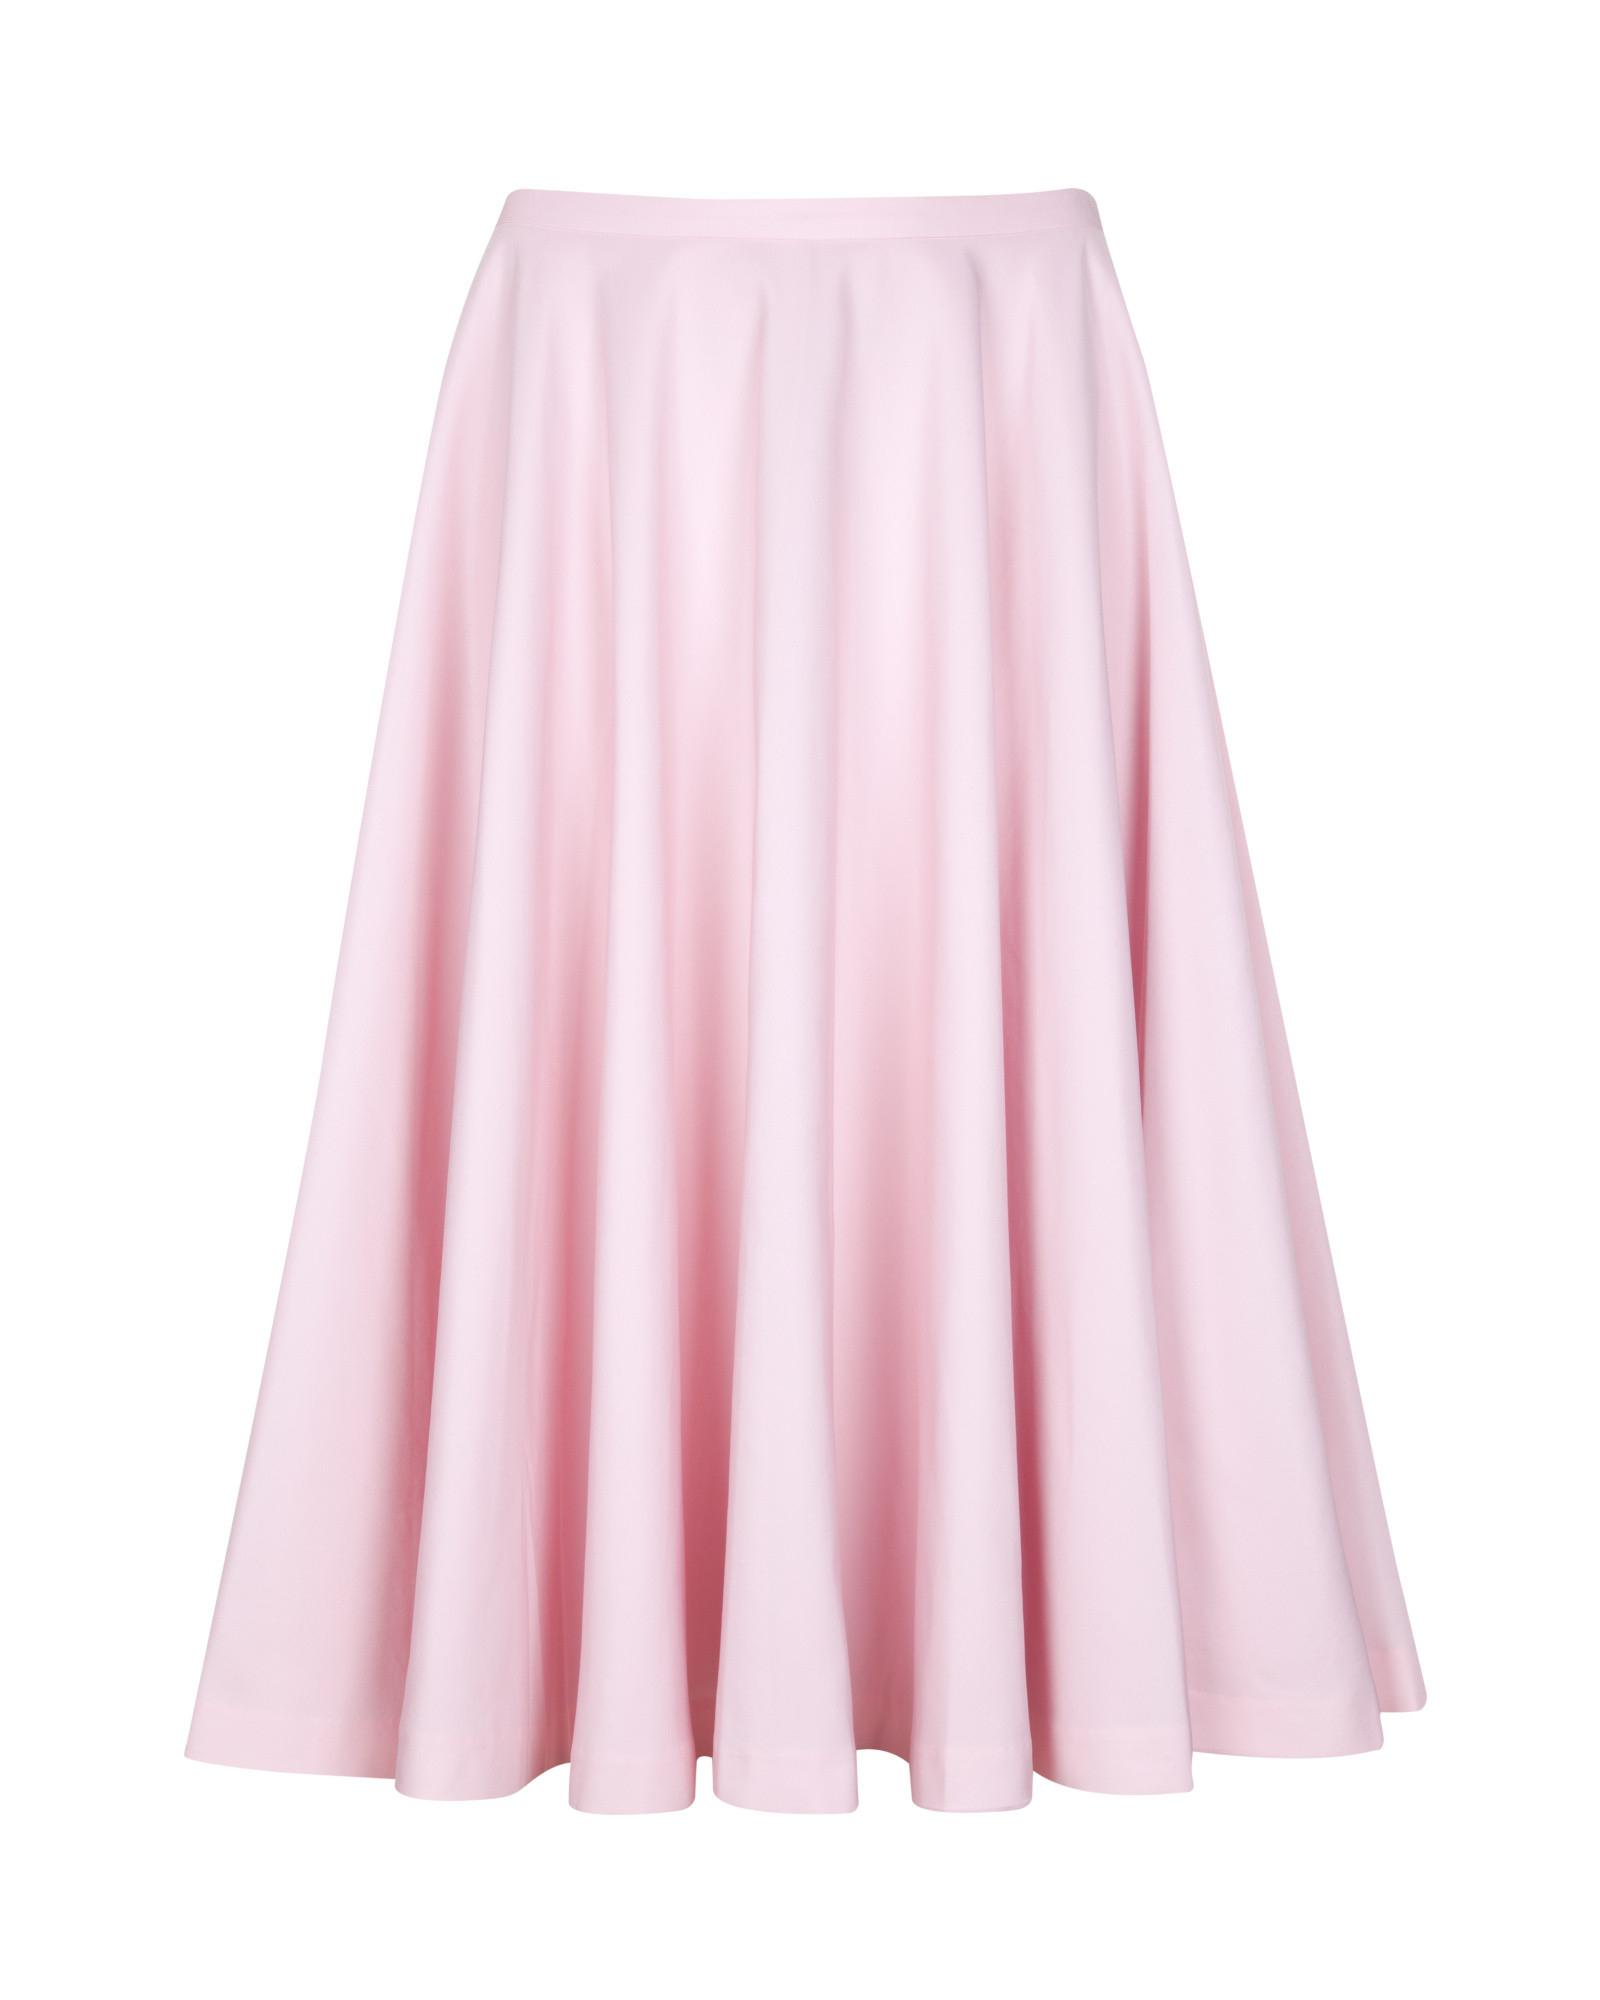 4b50c0551cfb0d Lyst - Ted Baker Full Ballet Skirt in Pink